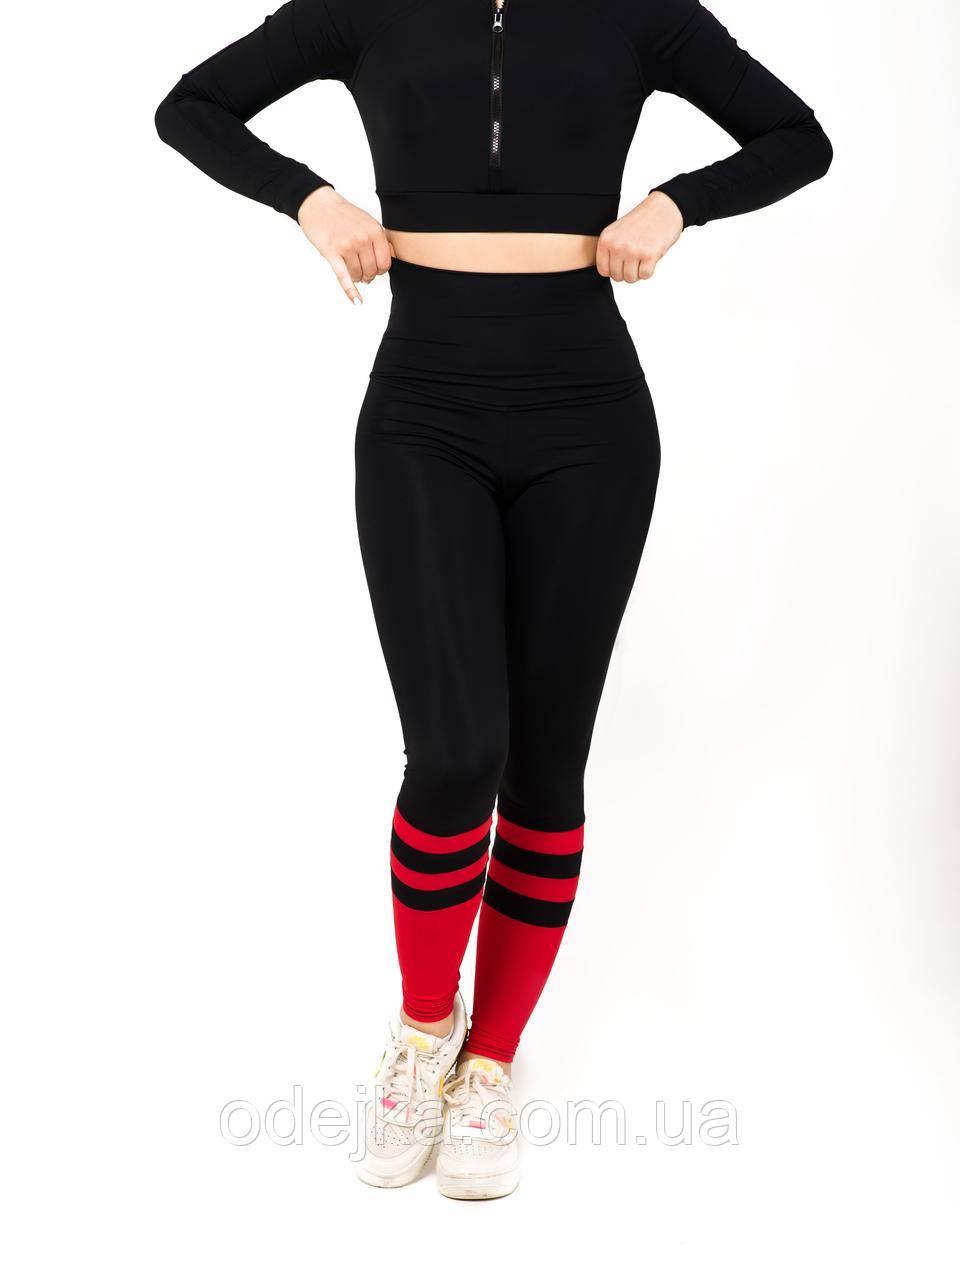 Черно-красные лосины для фитнеса NV Vankedisi